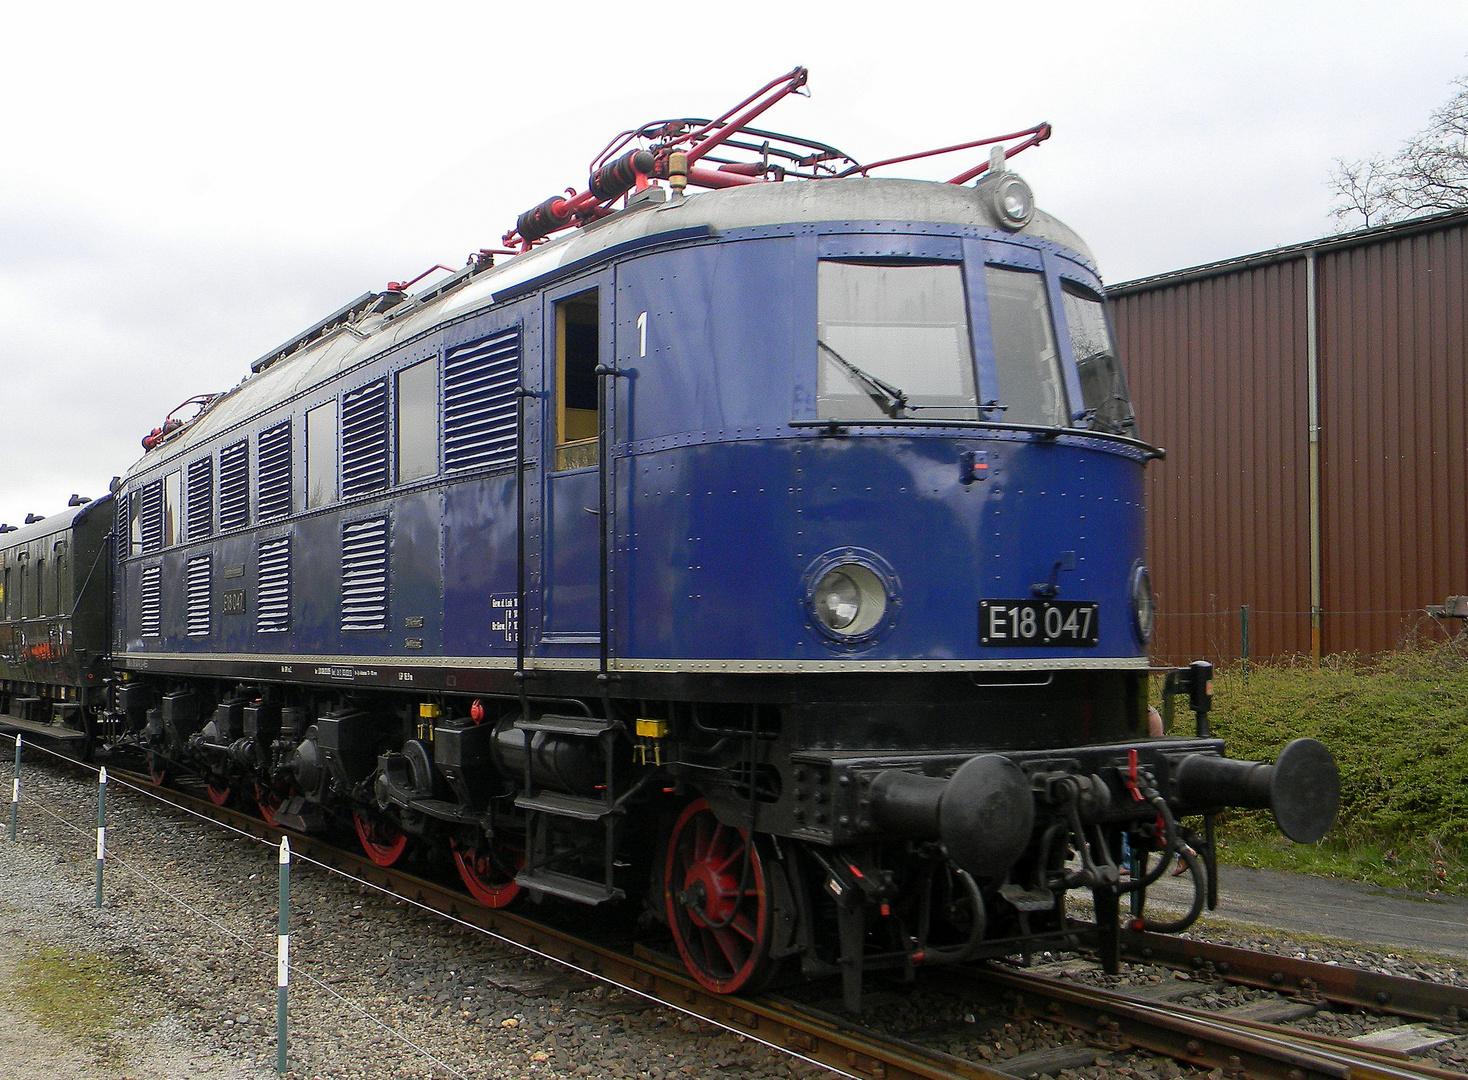 35 Jahre Jubiläum Eisenbahnmuseum Bochum Dahlhausen